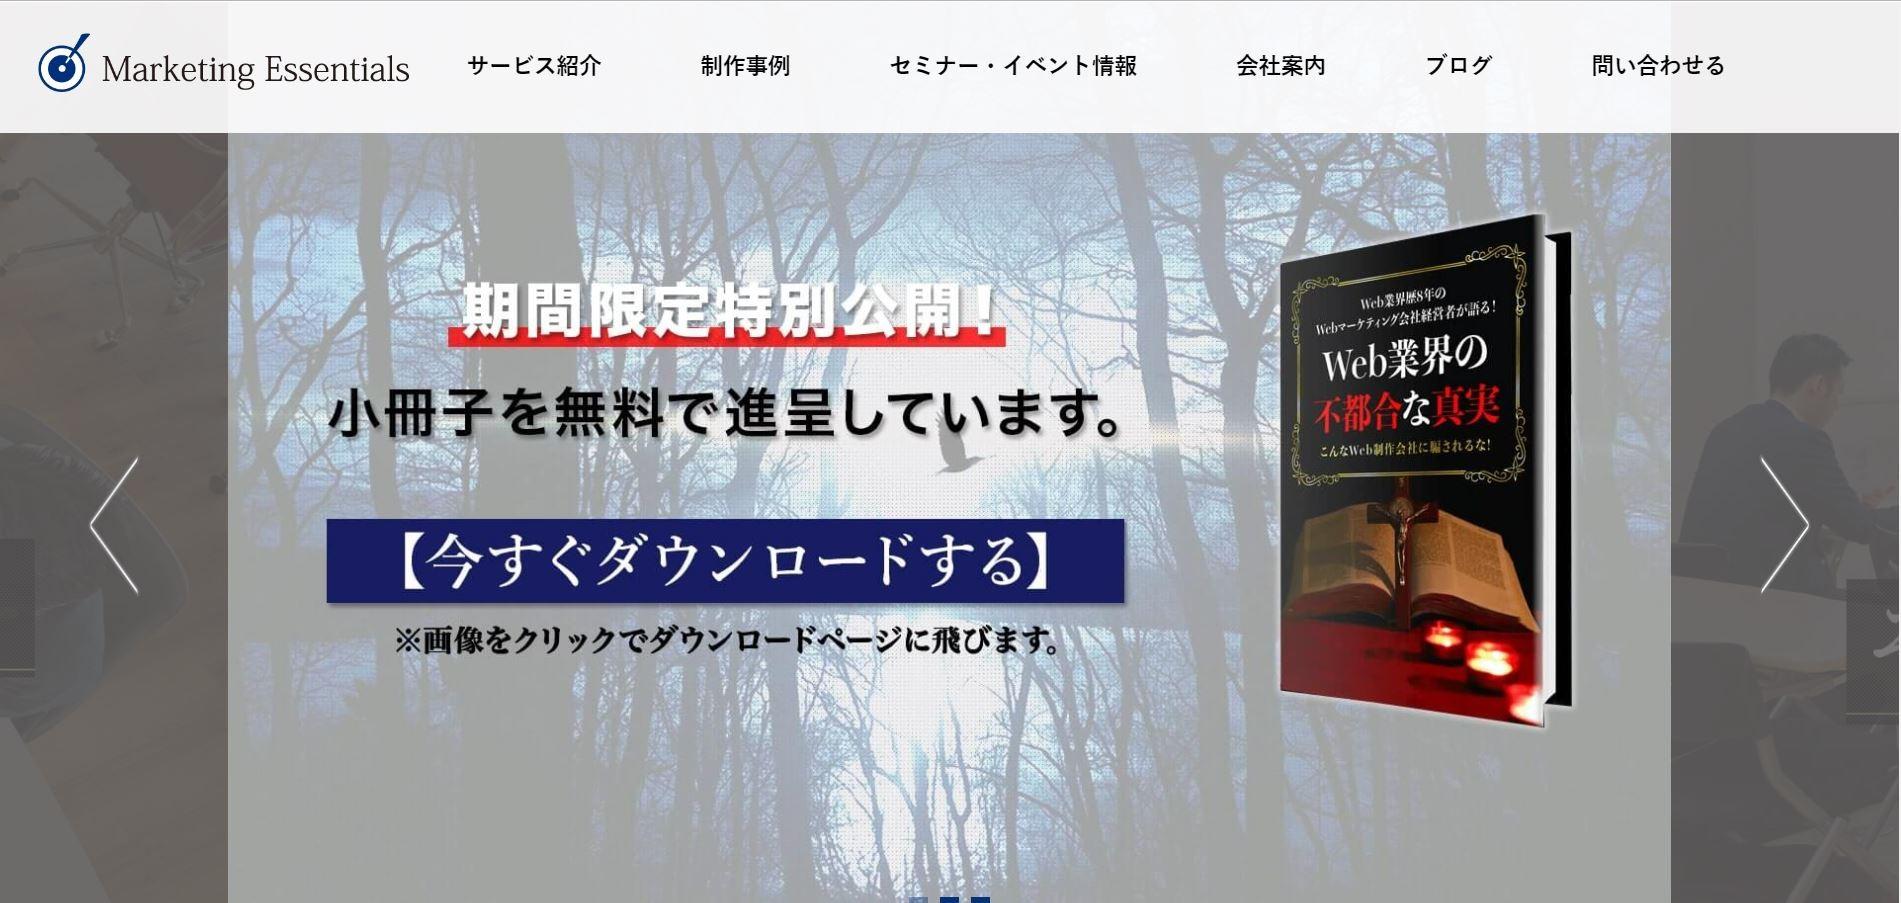 名古屋でランディングページに強い制作会社_株式会社マーケティング・エッシェンシャル